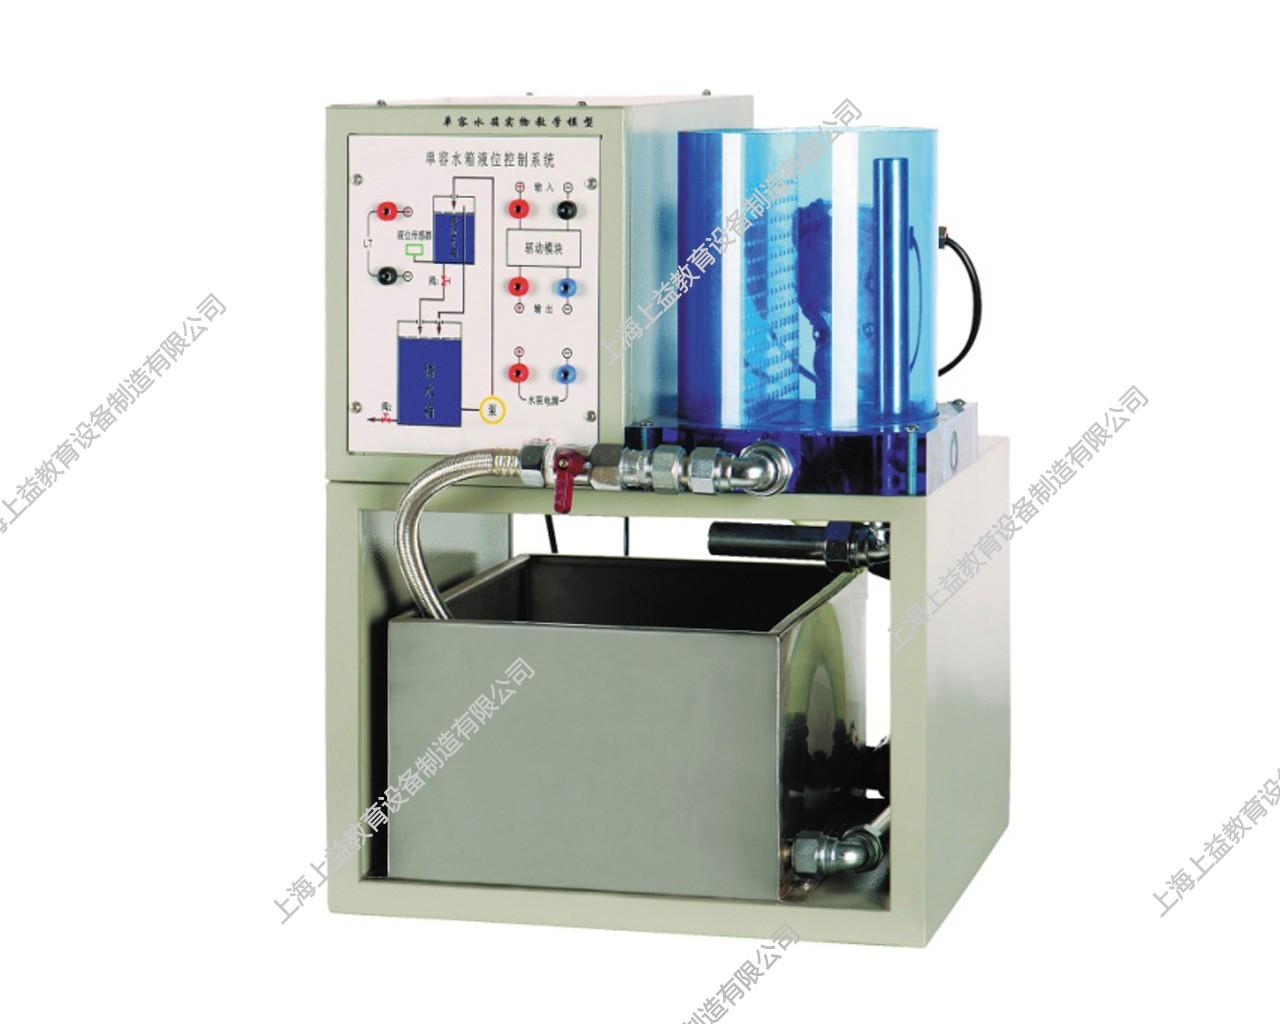 SYMX-01G单容水箱液位wwwlehu8vip对象系统(模拟量实物)